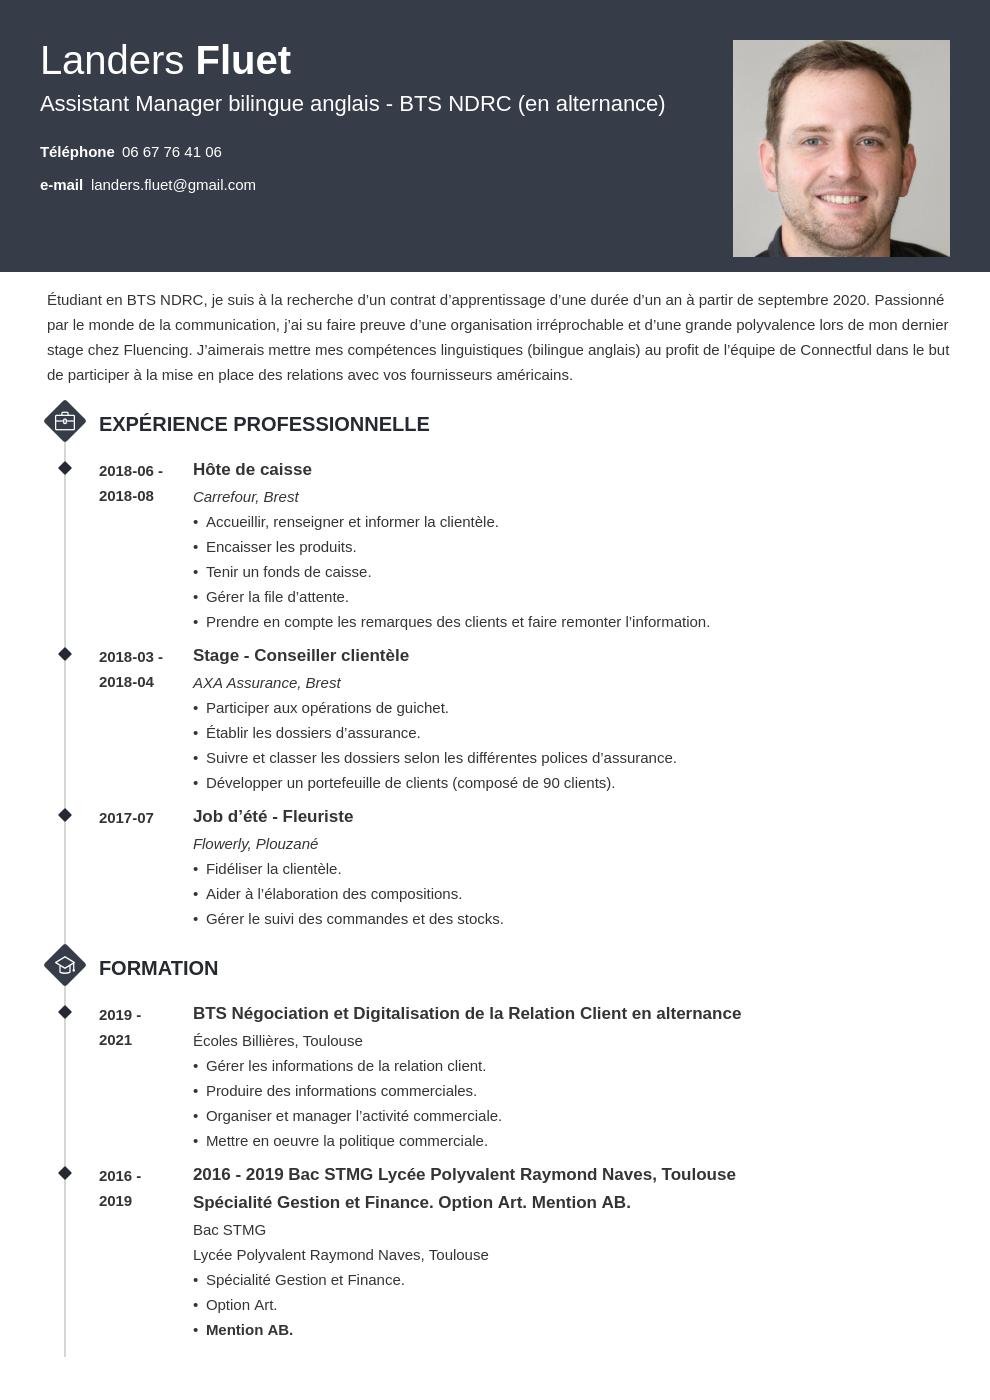 Exemple CV alternance pour signer le contrat d'apprentissage